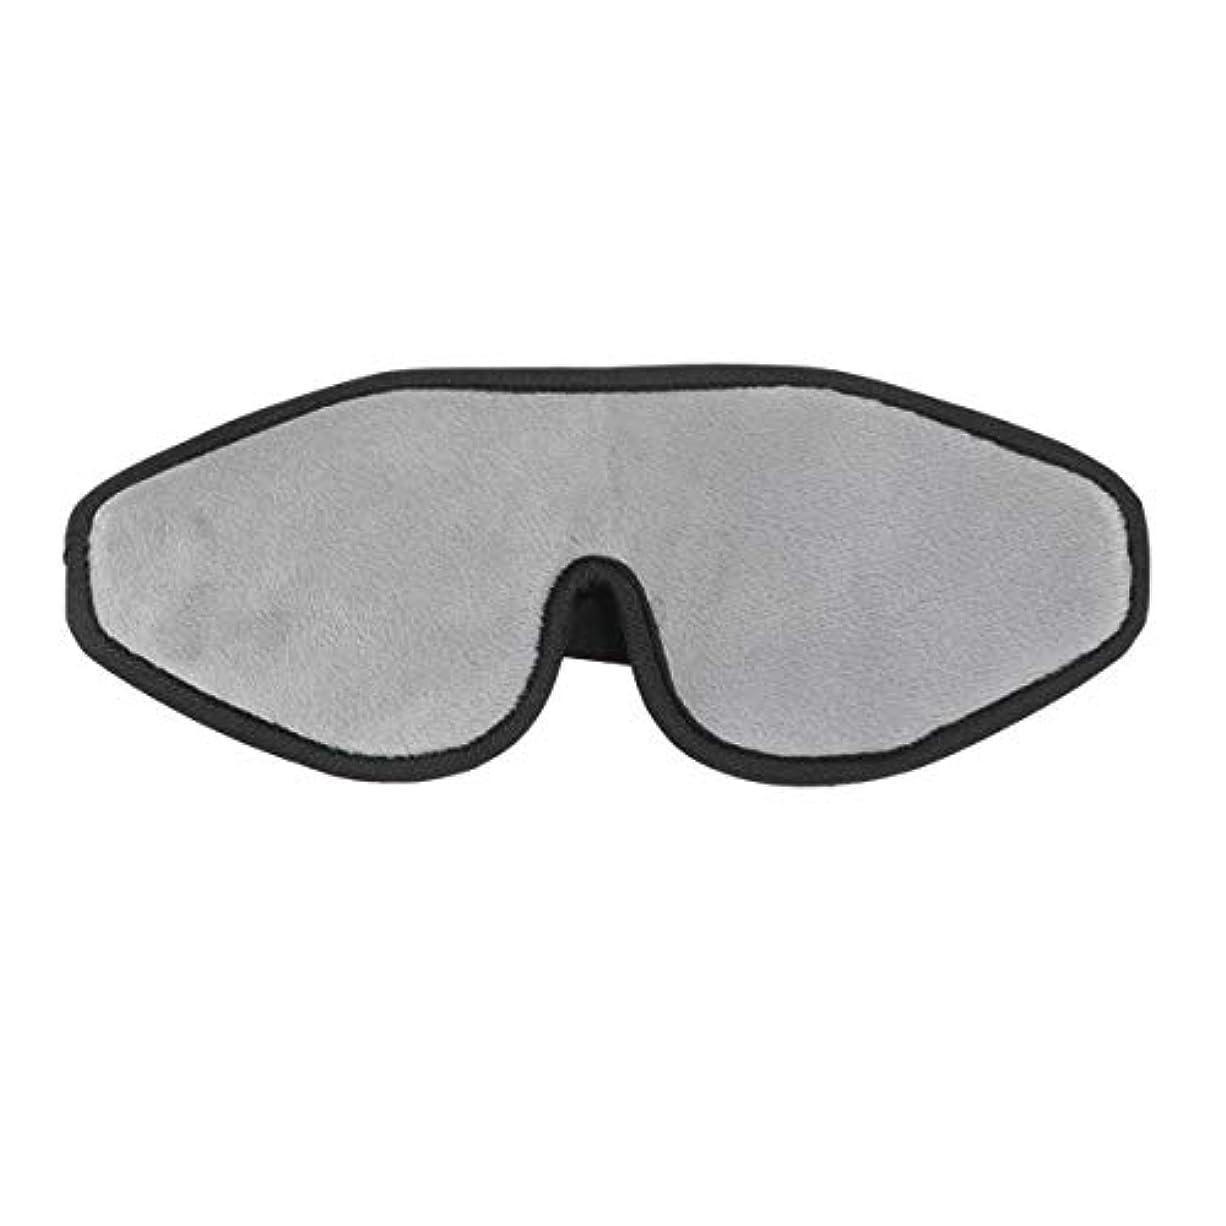 正当な技術信条Healifty コットンスリープマスクスリーピングマスク女性用男性用ライト遮光(グレー)